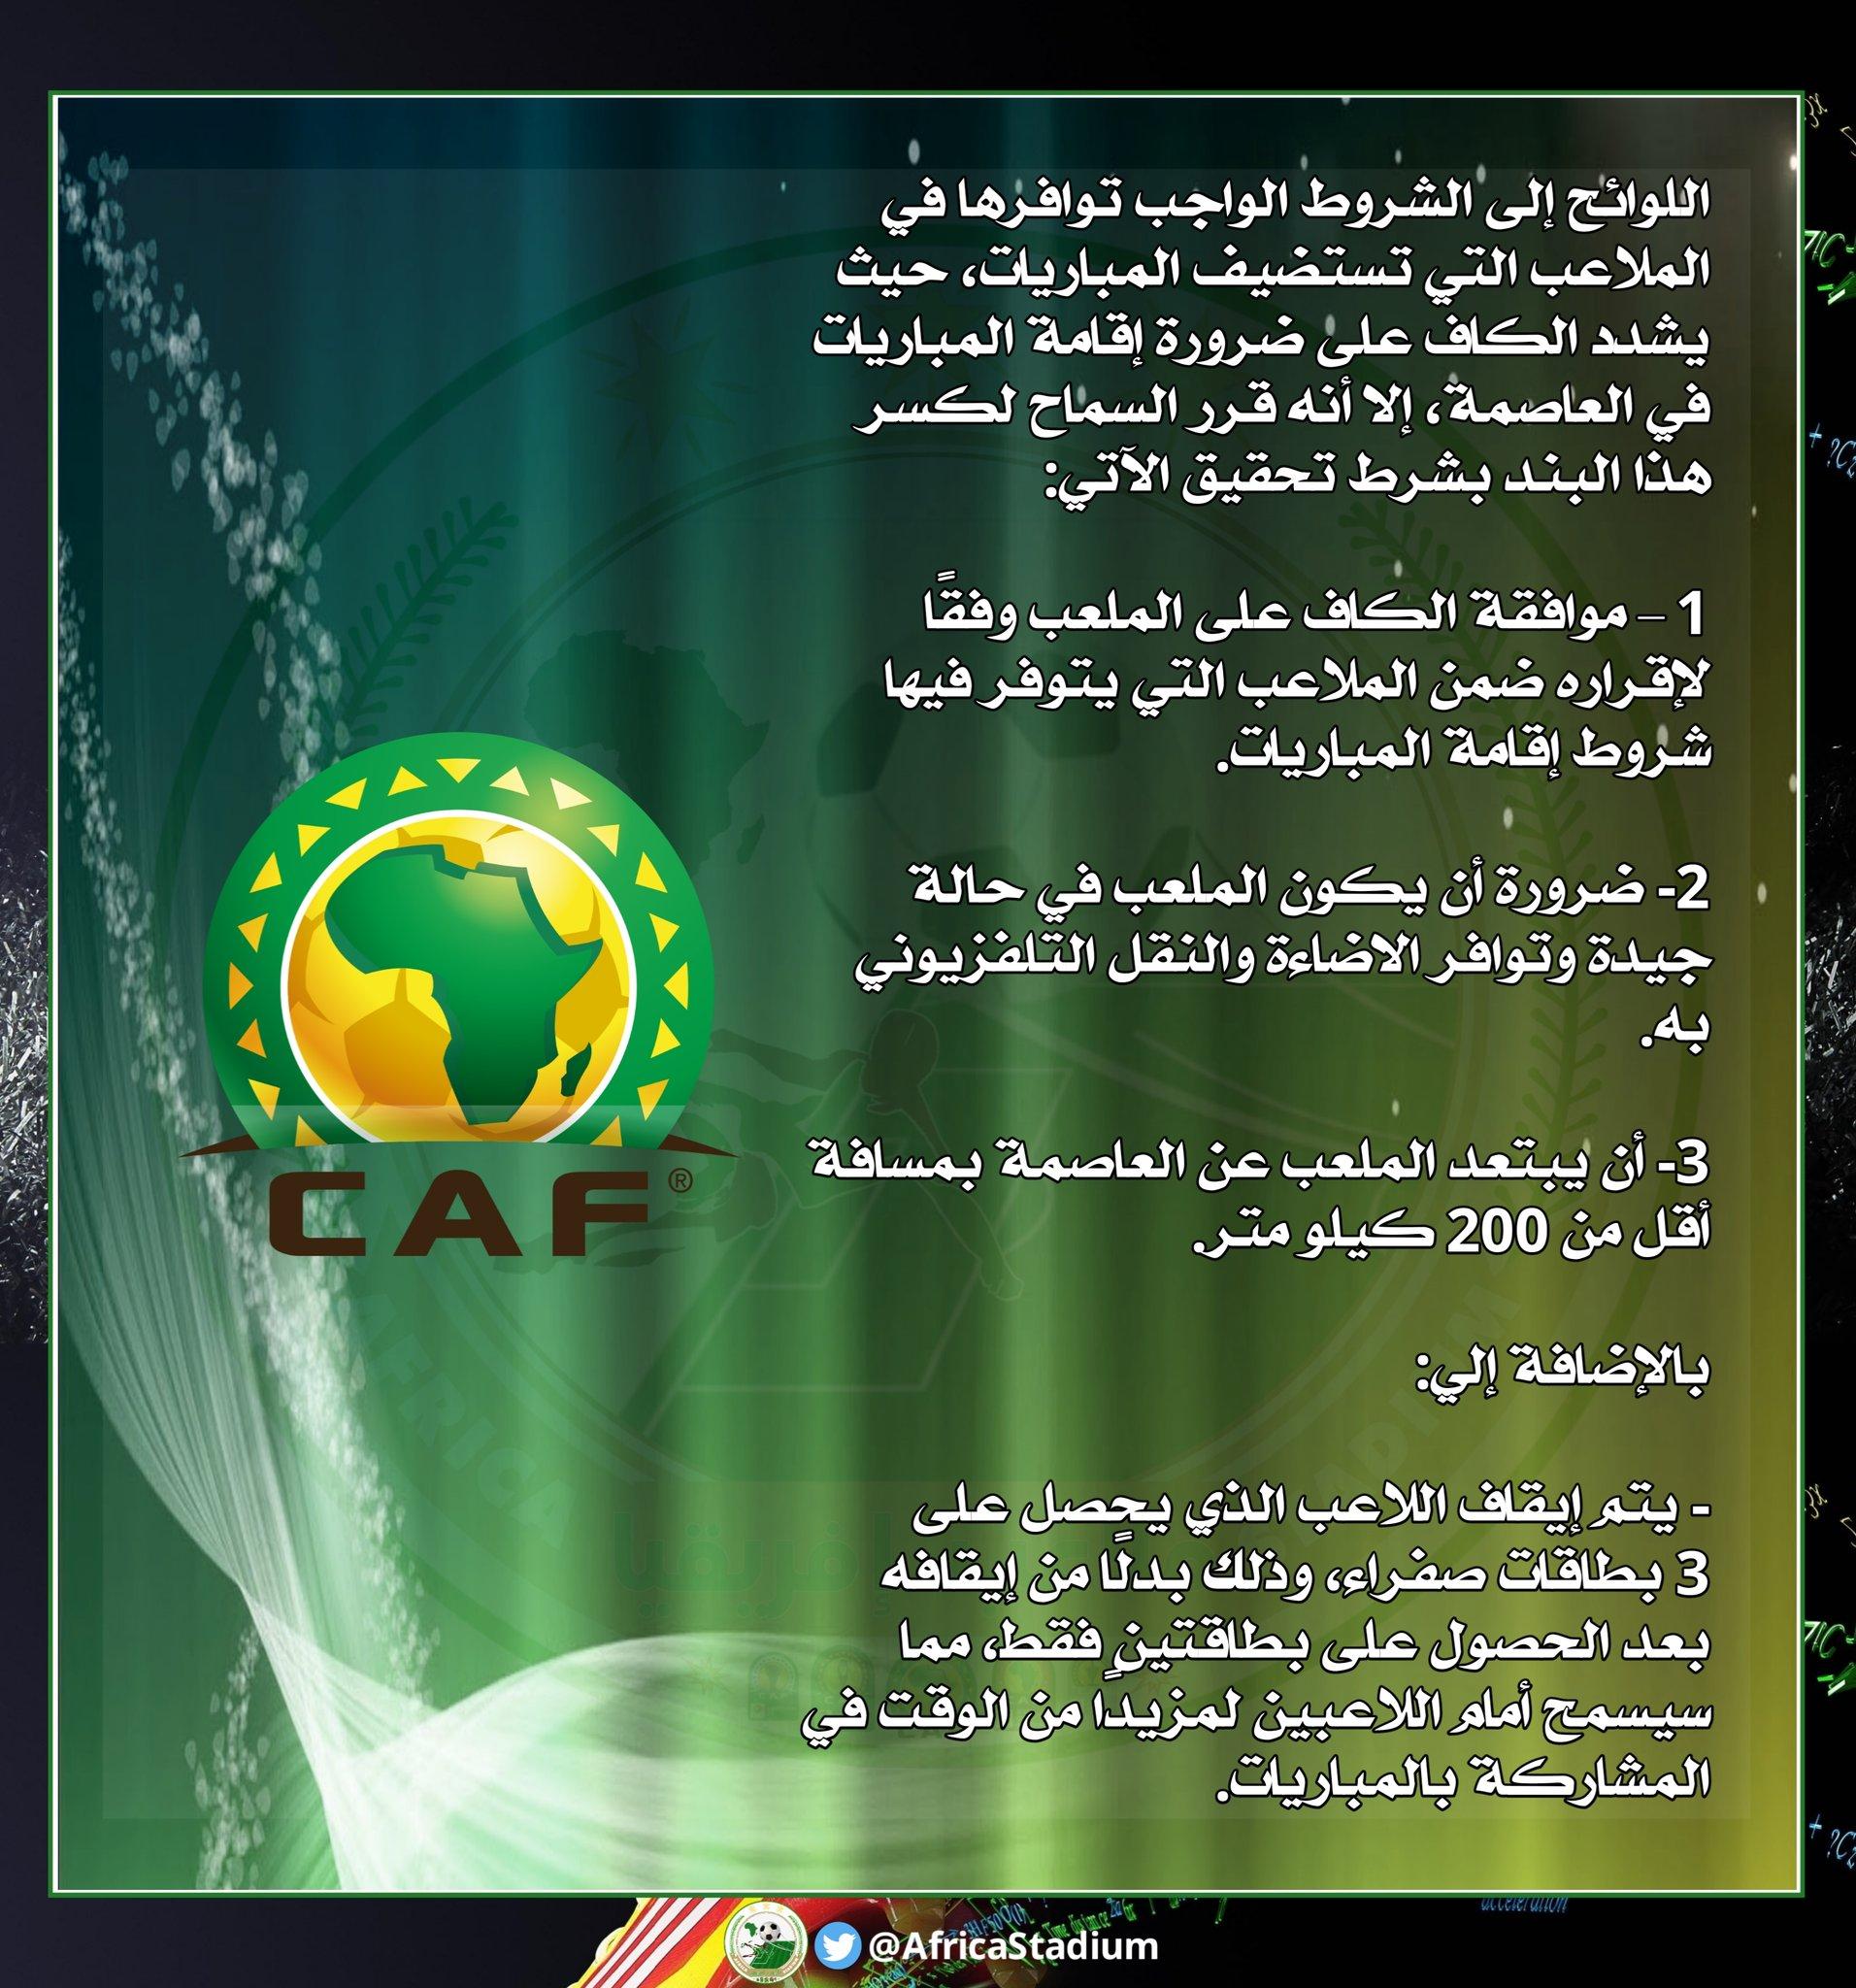 لإتحاد الإفريقي يُقر تعديلات جديدة